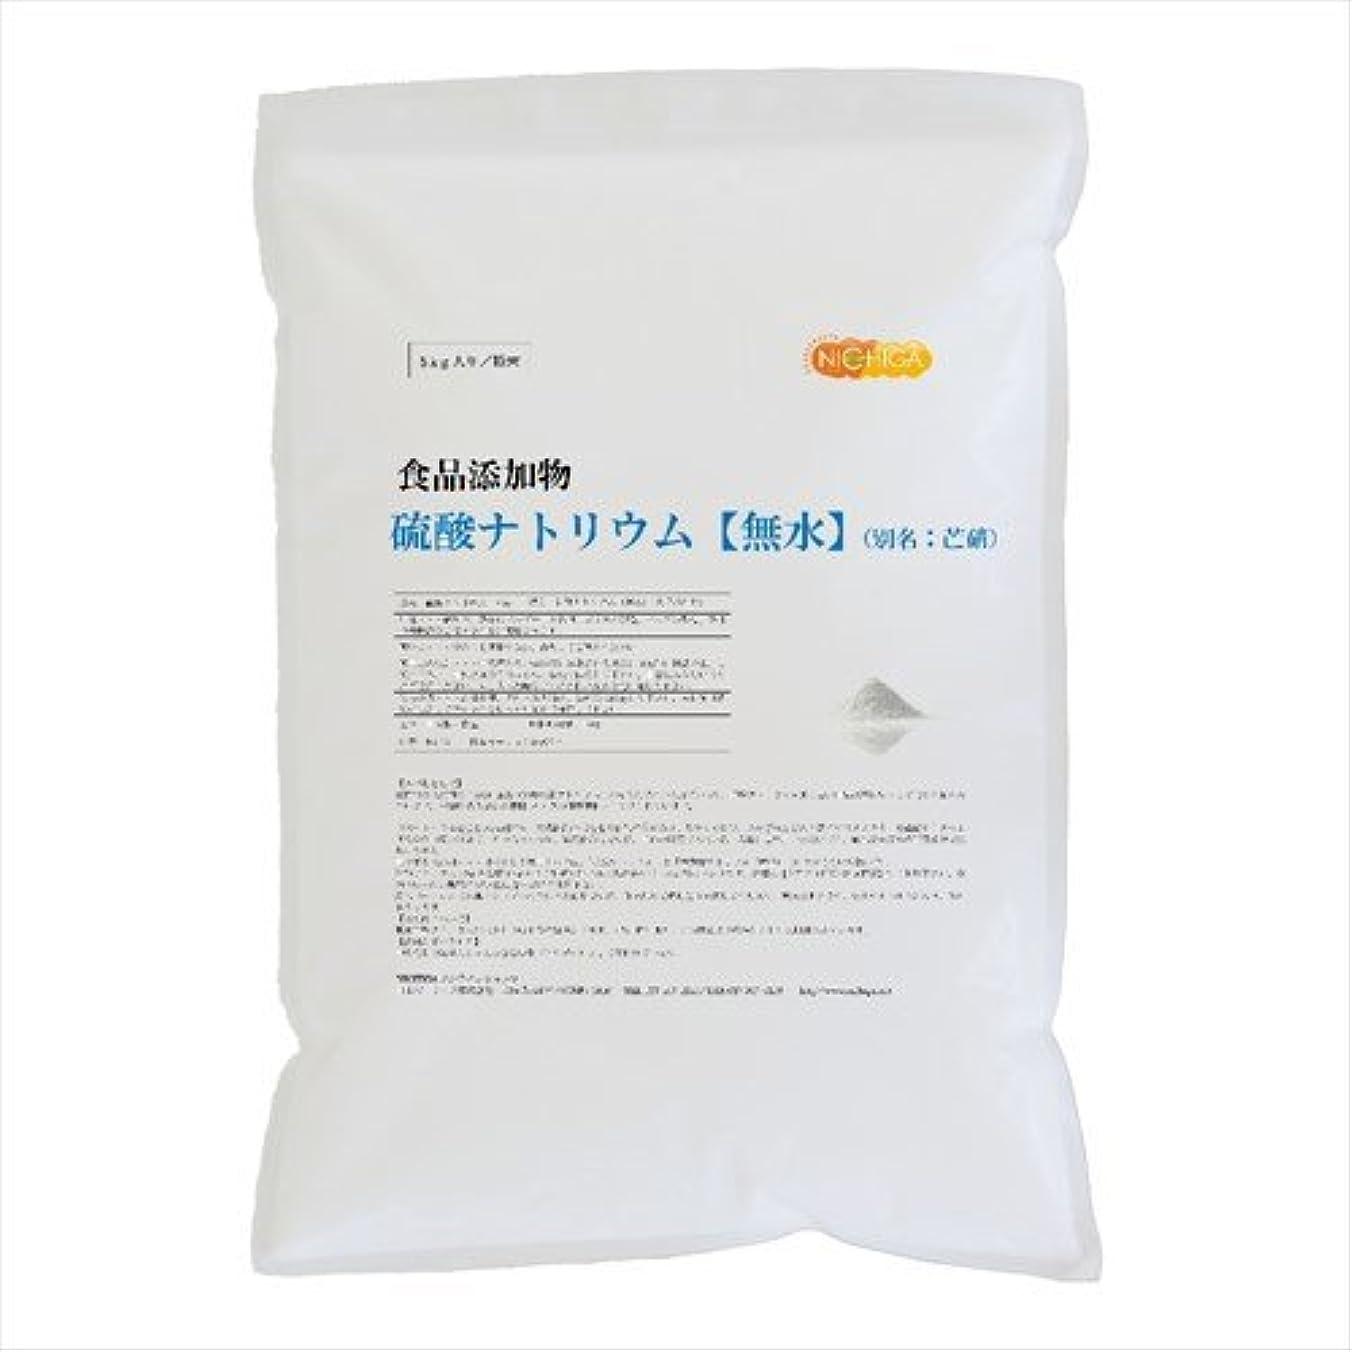 承認絡み合いアジテーション国産 硫酸ナトリウム 5kg【無水】芒硝 グラウバーソルト 食品添加物 [02] NICHIGA(ニチガ)